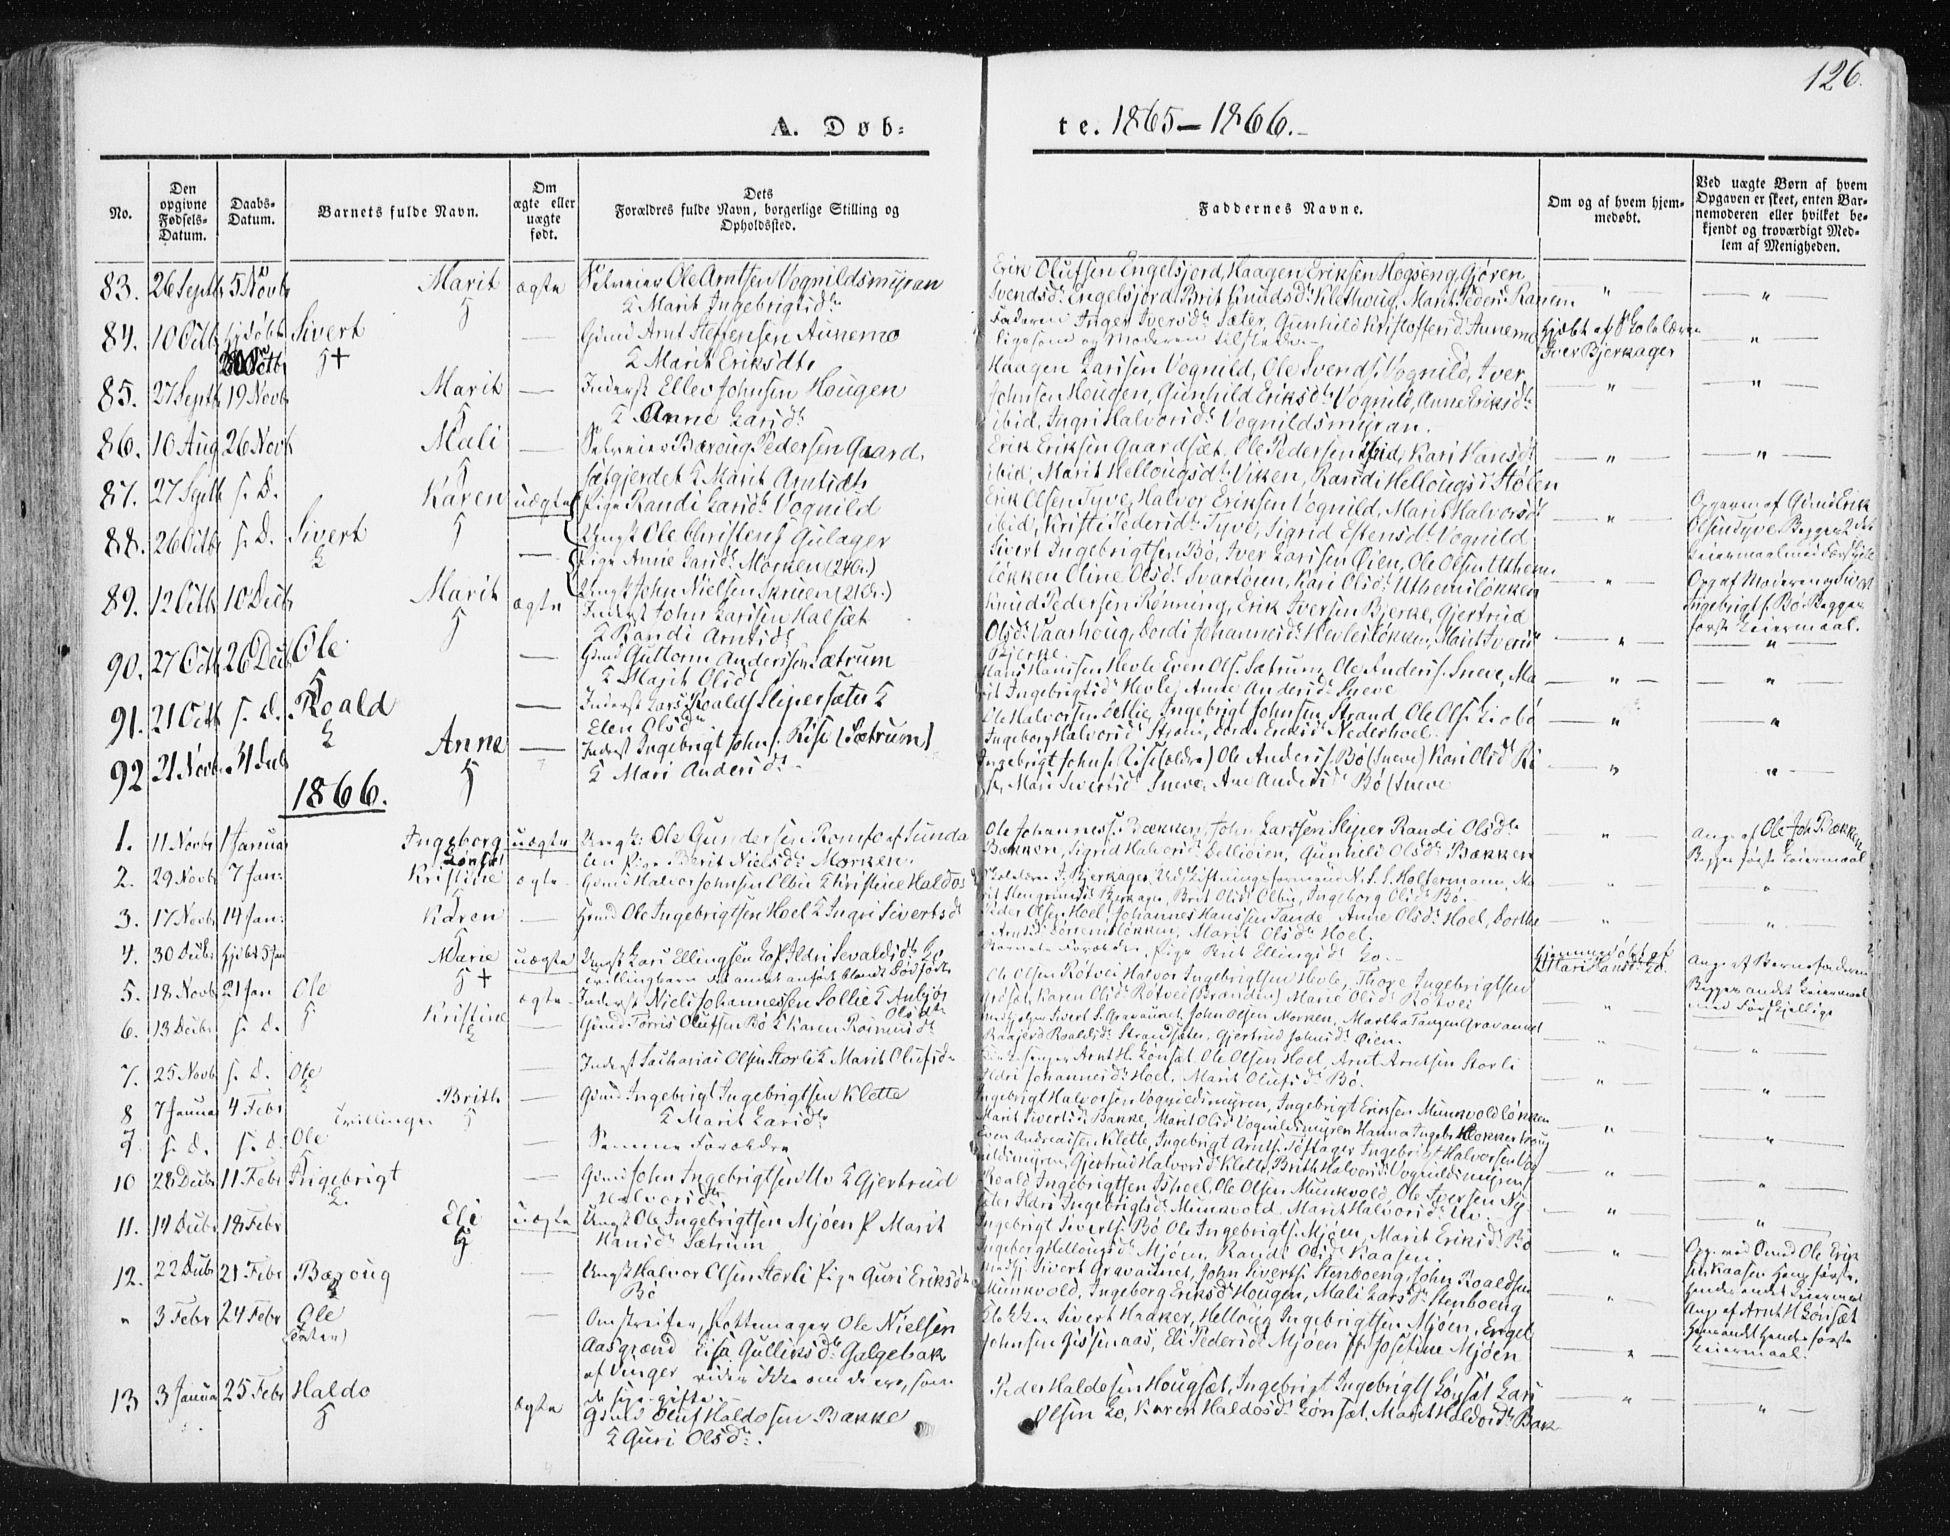 SAT, Ministerialprotokoller, klokkerbøker og fødselsregistre - Sør-Trøndelag, 678/L0899: Ministerialbok nr. 678A08, 1848-1872, s. 126